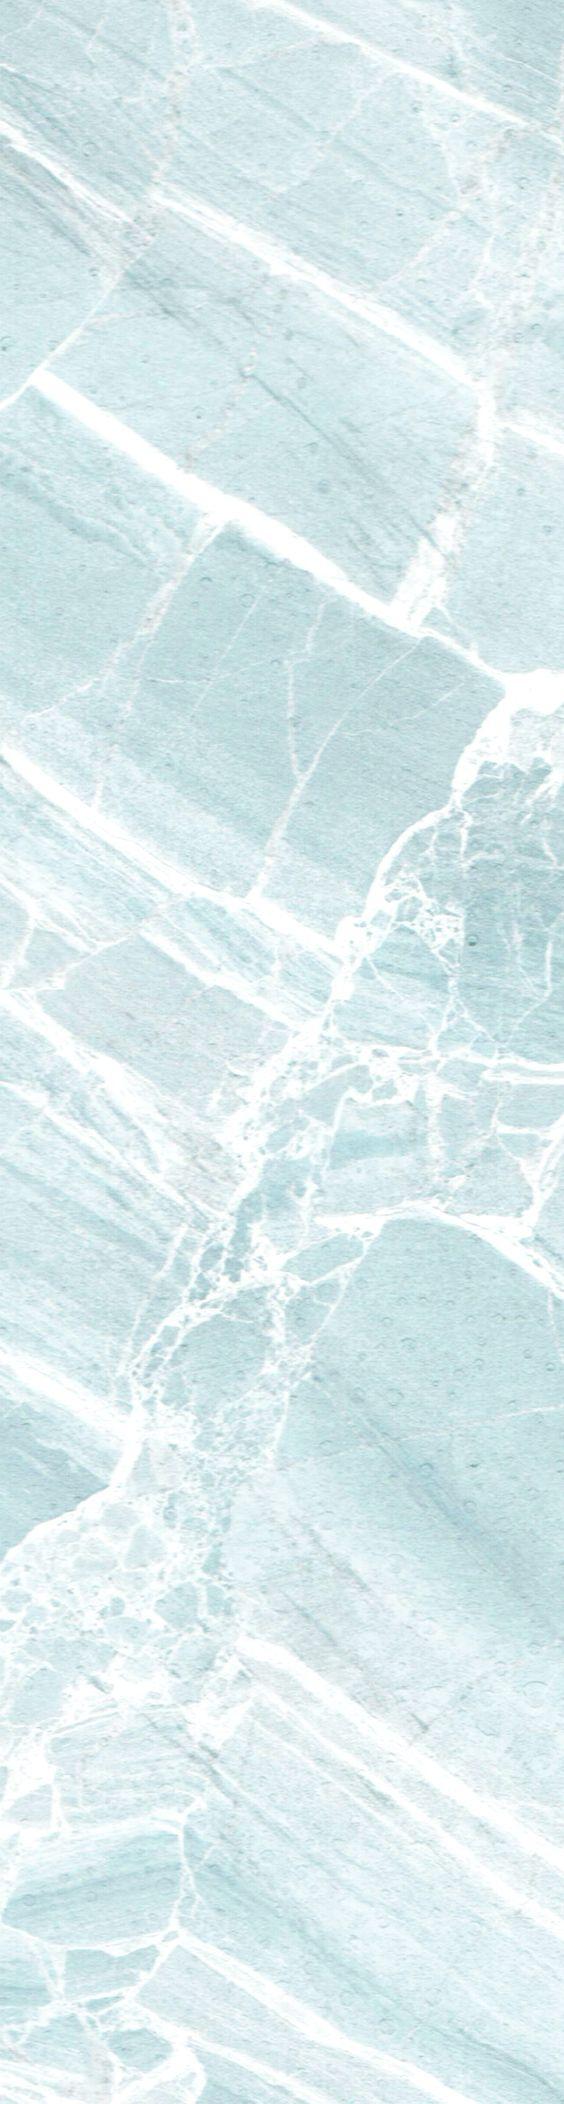 M s de 25 ideas incre bles sobre textura marmol en for Textura del marmol